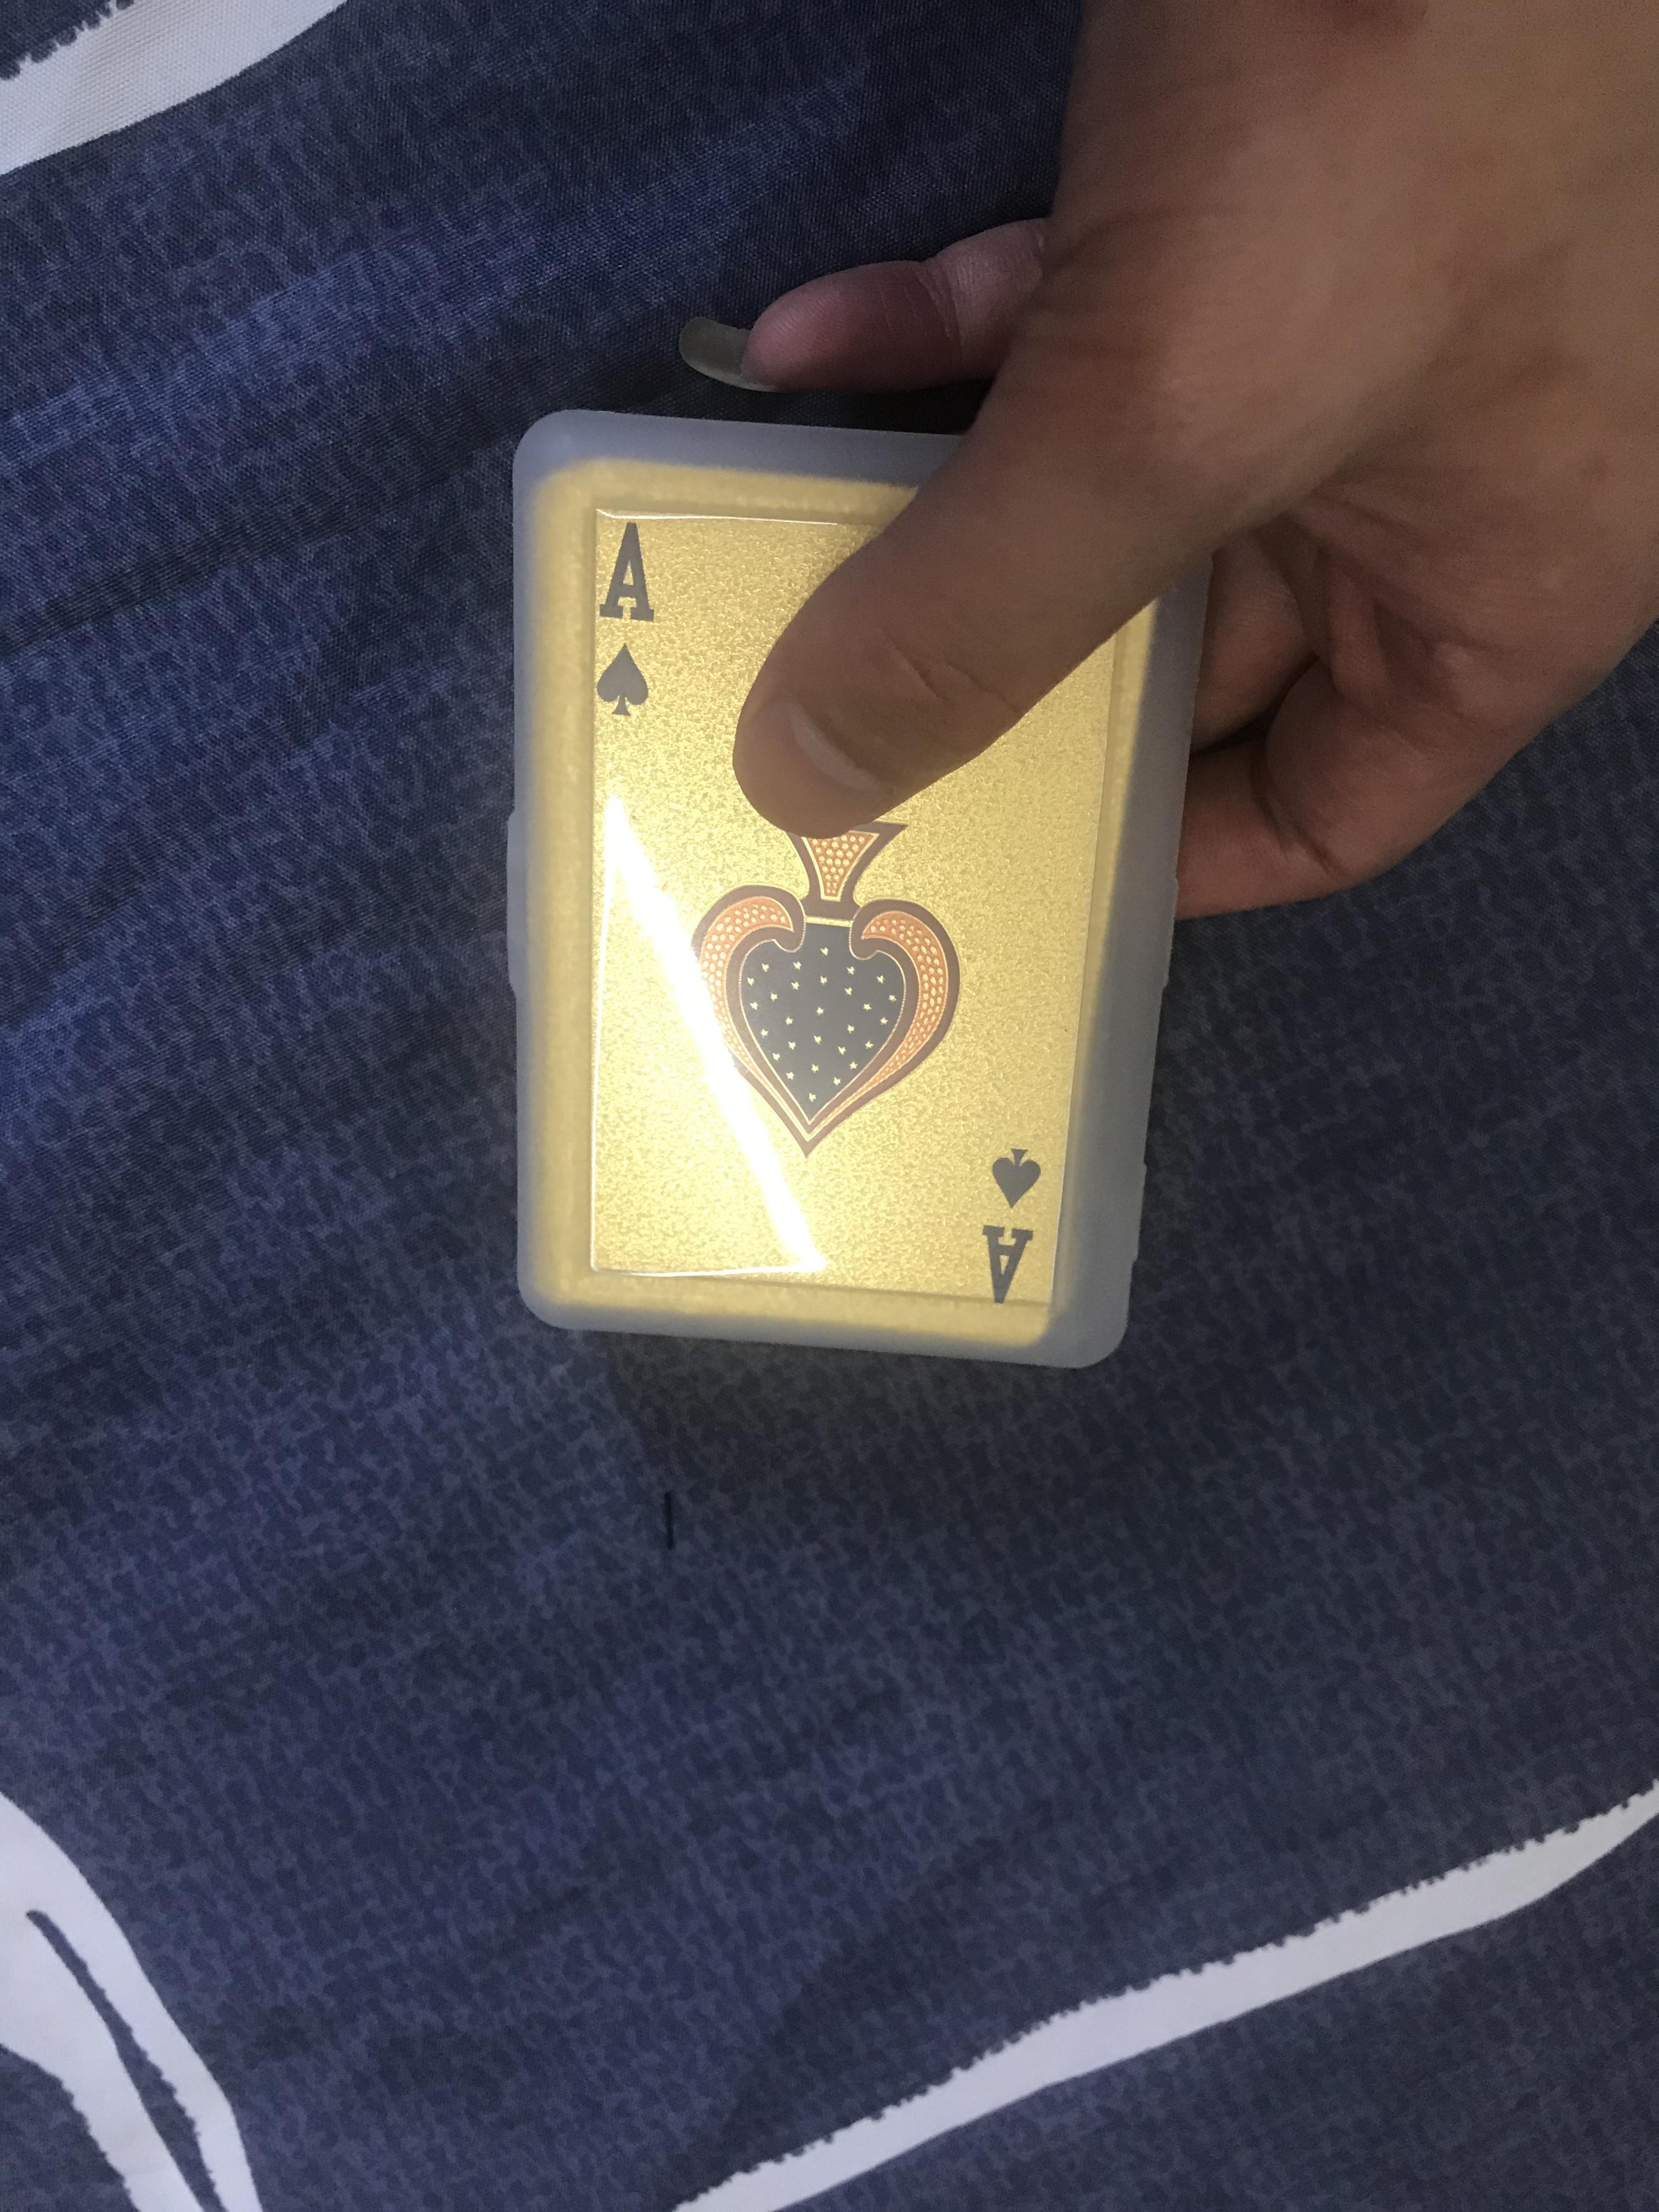 Impermeable colgante llavero Poker personalidad de la manera de jugar al póquer Golden Card esmerilado de alta temperatura láser de grabación en relieve de PET